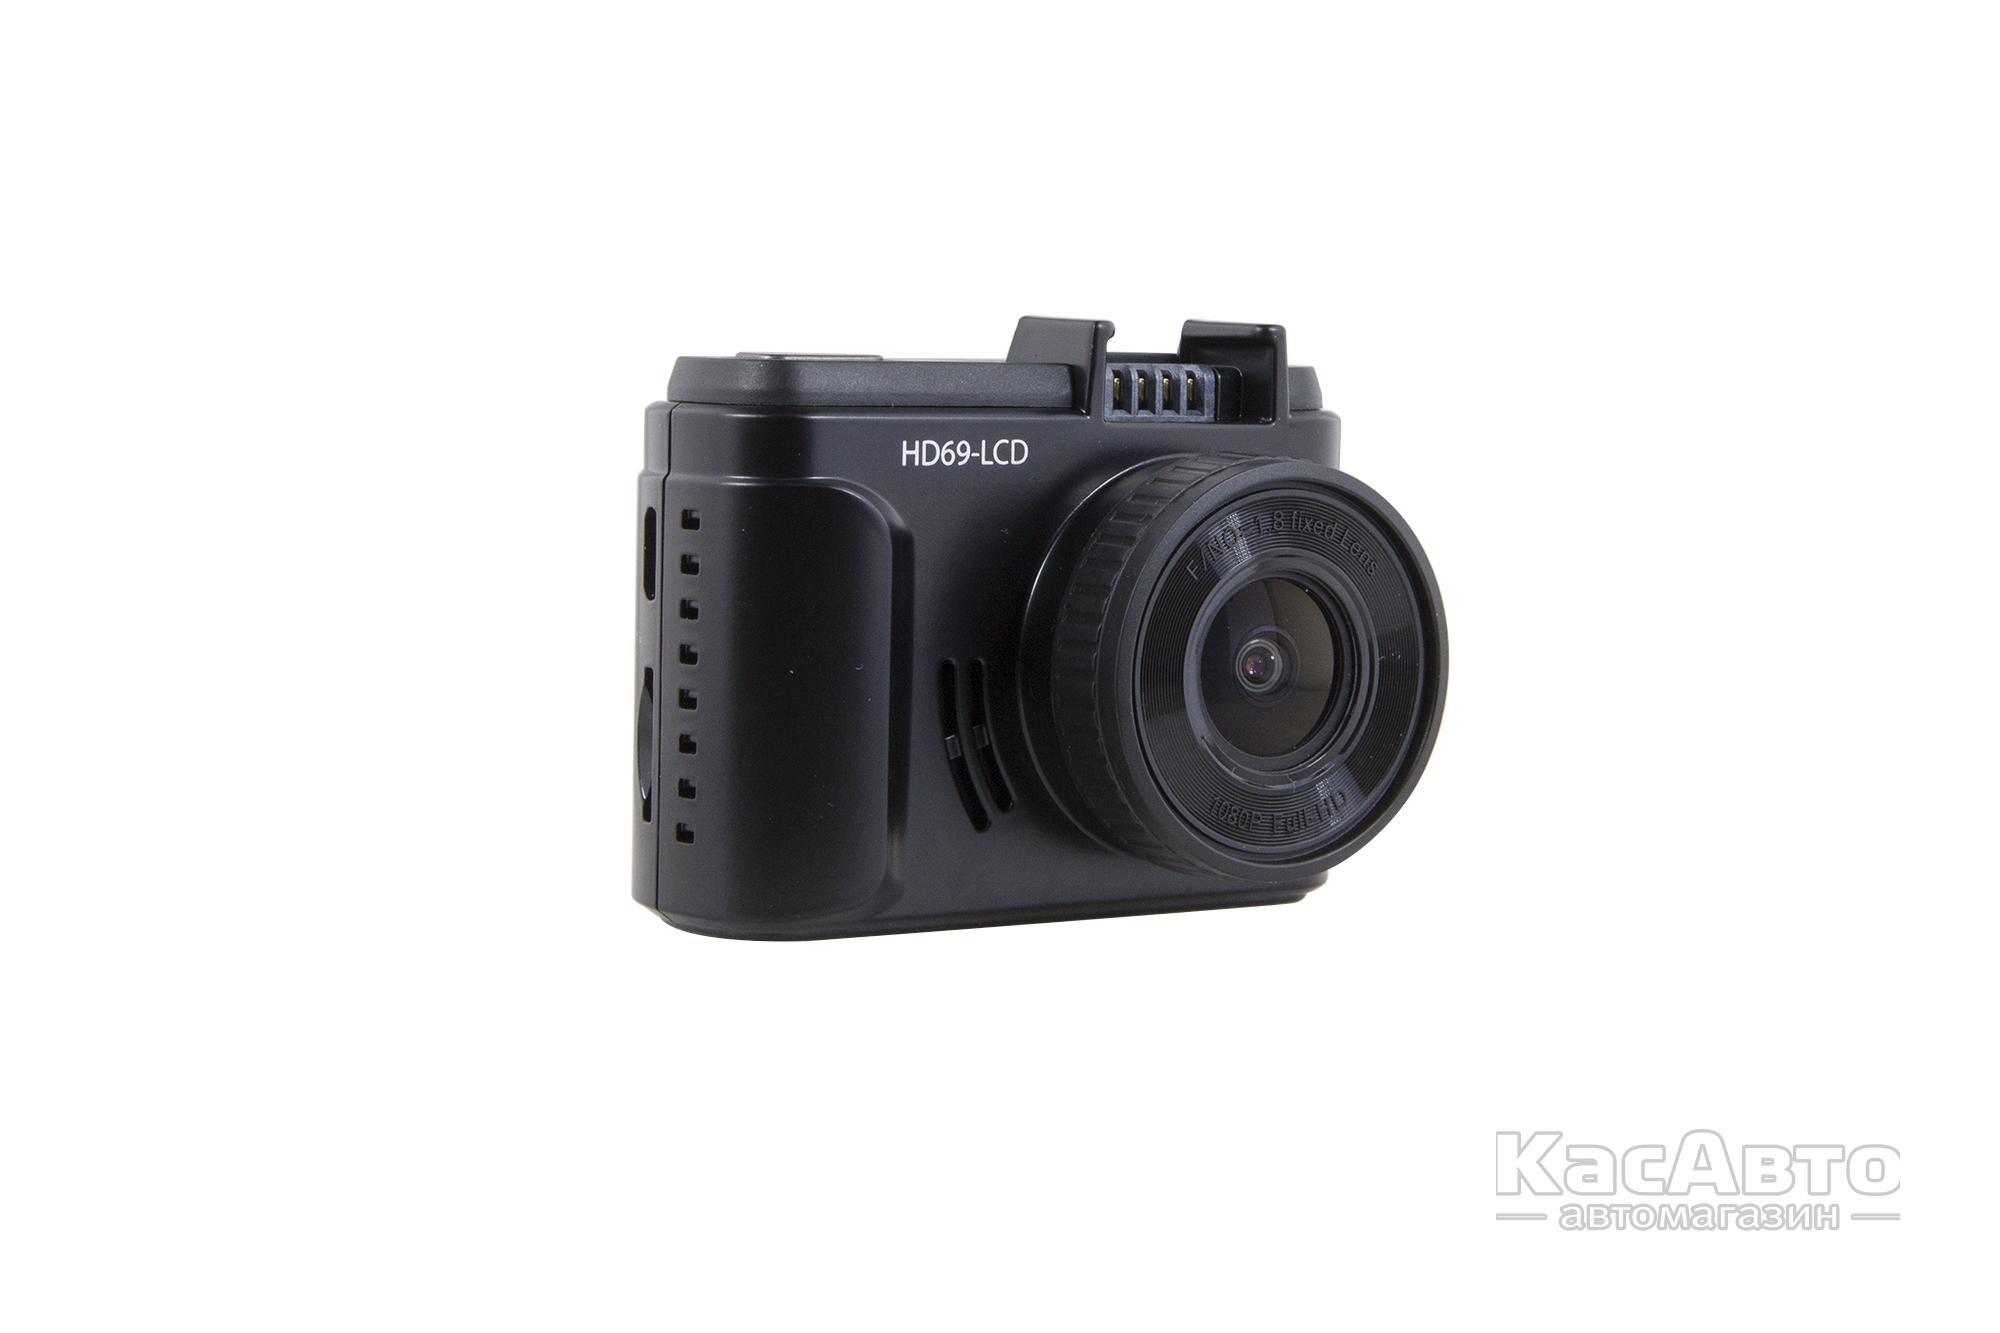 FLN_HD69-LCD_01